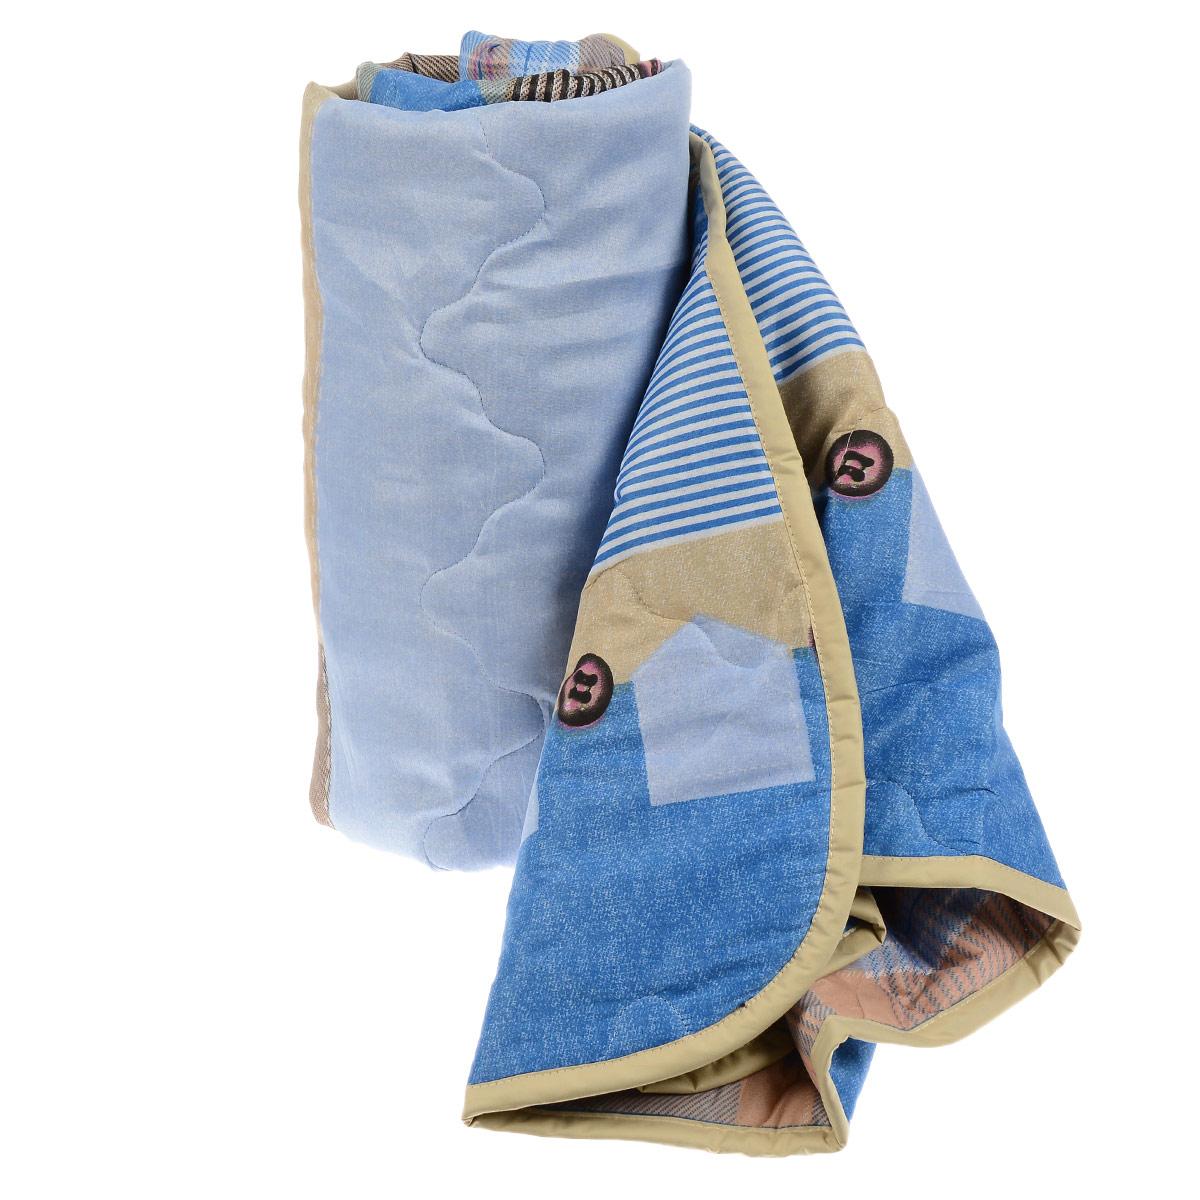 Одеяло всесезонное OL-Tex Miotex, наполнитель: полиэфирное волокно Holfiteks, цвет: голубой, бежевый, 140 см х 205 смCLP446Всесезонное одеяло OL-Tex Miotex создаст комфорт и уют во время сна. Стеганый чехол выполнен из полиэстера и оформлен красочным рисунком. Внутри - современный наполнитель из полиэфирного высокосиликонизированного волокна Holfiteks, упругий и качественный. Холфитекс - современный экологически чистый синтетический материал, изготовленный по новейшим технологиям. Его уникальность заключается в расположении волокон, которые позволяют моментально восстанавливать форму и сохранять ее долгое время. Изделия с использованием Холфитекса очень удобны в эксплуатации - их можно часто стирать без потери потребительских свойств, они быстро высыхают, не впитывают запахов и совершенно гиппоаллергенны. Холфитекс также обеспечивает хорошую терморегуляцию, поэтому изделия с наполнителем из холфитекса очень комфортны в использовании. Одеяло с современным упругим наполнителем Холфитекс порадует вас в любое время года. Оно комфортно согревает и создает отличный микроклимат. За одеялом легко ухаживать, можно стирать в стиральной машинке.Рекомендации по уходу:- Ручная и машинная стирка при температуре 30°С.- Не гладить.- Не отбеливать. - Нельзя отжимать и сушить в стиральной машине.- Сушить вертикально. Размер одеяла: 140 см х 205 см. Материал чехла: 100% полиэстер. Материал наполнителя: полиэфирное высокосиликонизированное волокно Holfiteks. Плотность наполнителя: 300 г/м2.